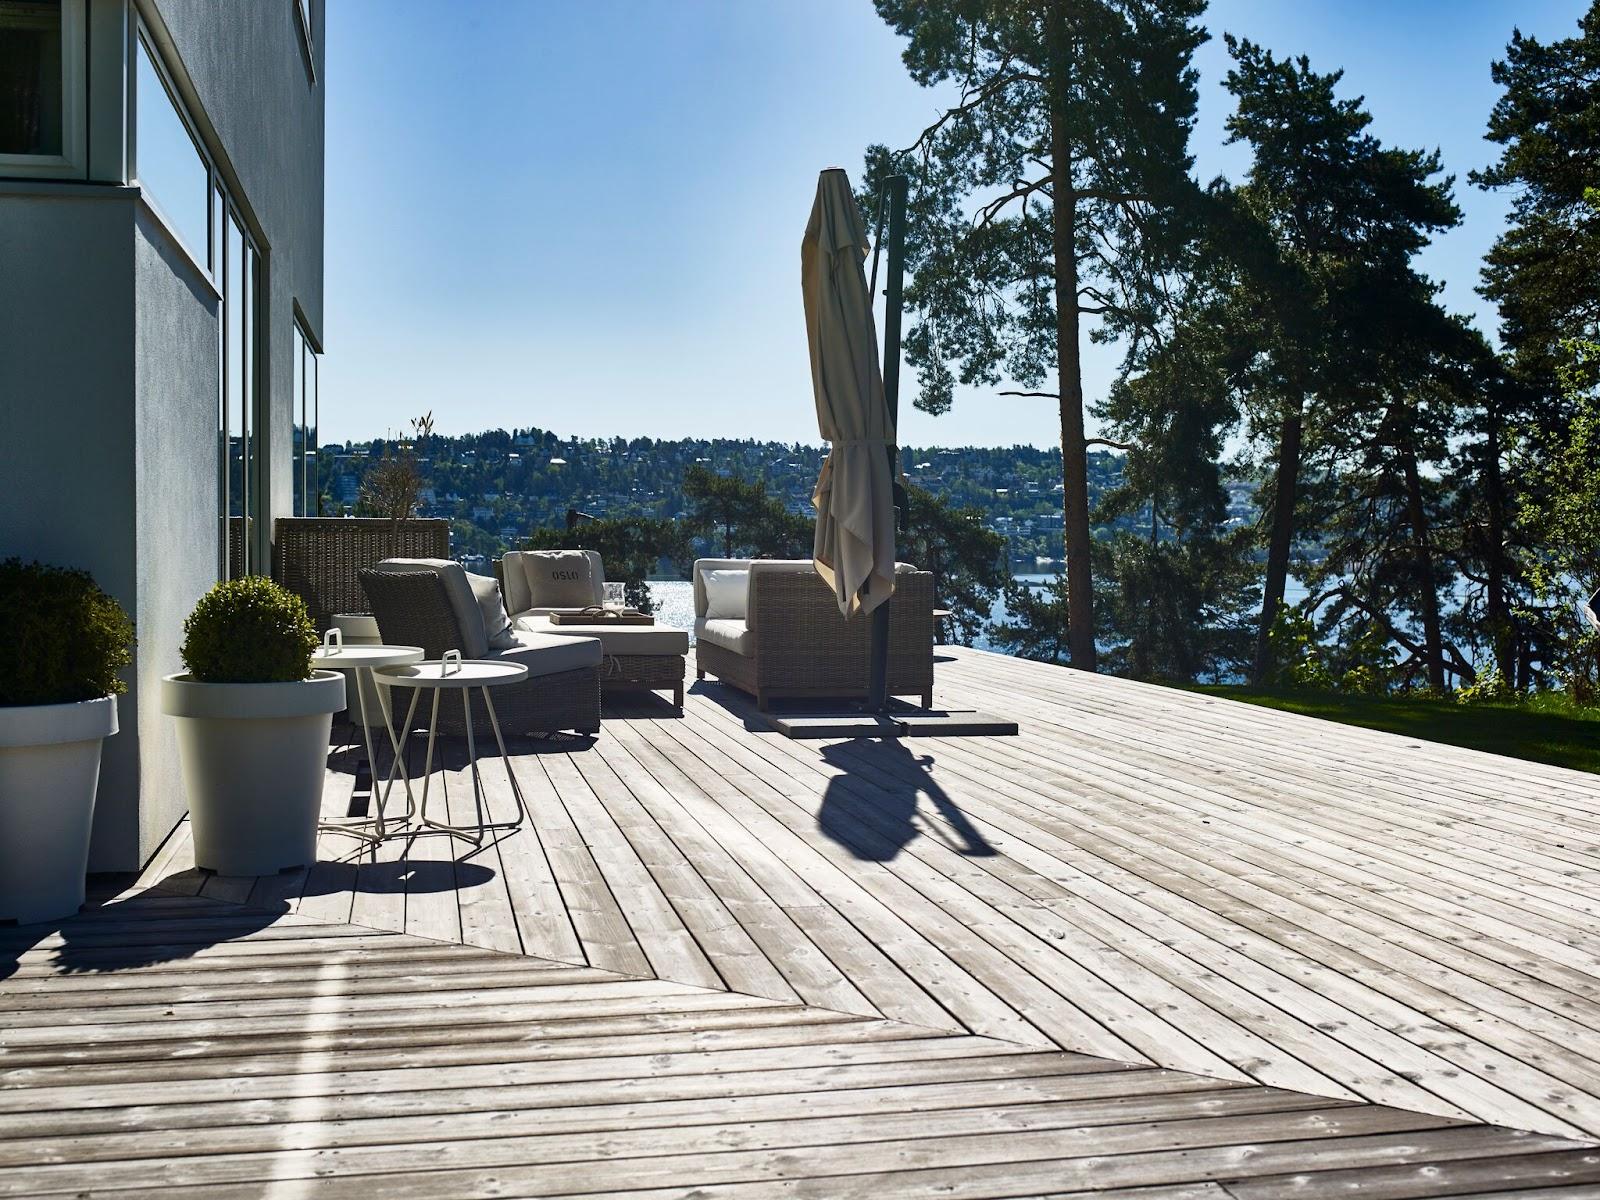 Vedlikeholdsfrie terrassebord gir en naturlig overgang fra huset til naturen